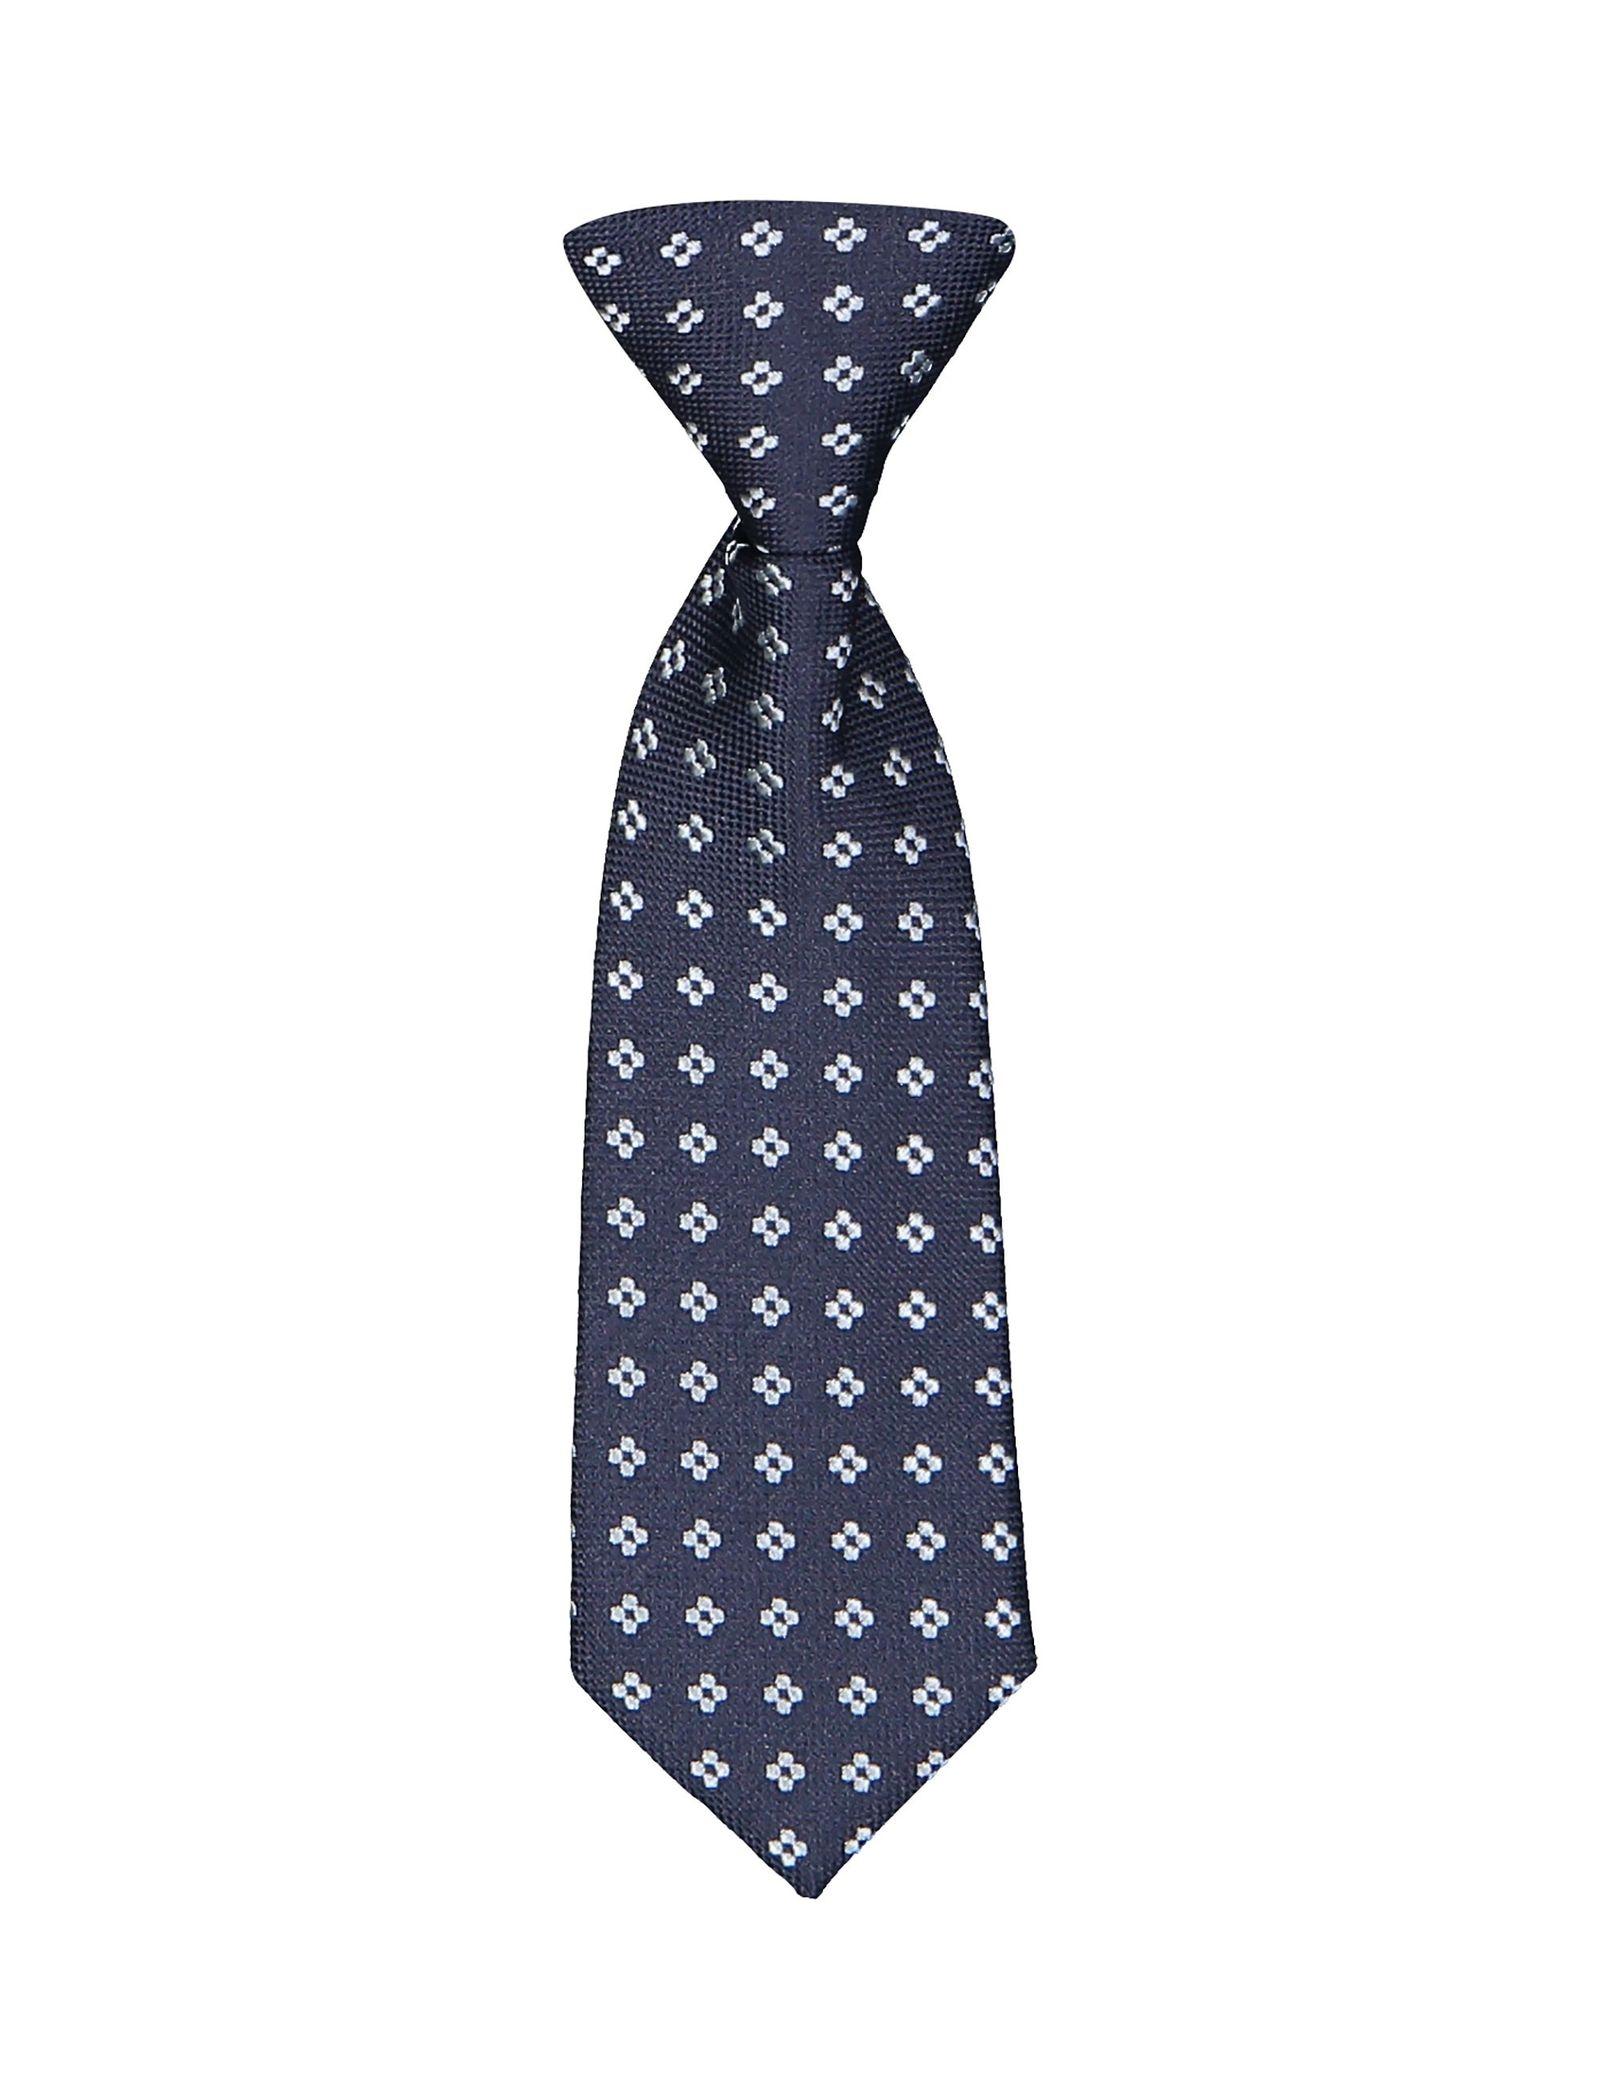 کراوات طرح دار پسرانه - ایدکس - سرمه اي - 1